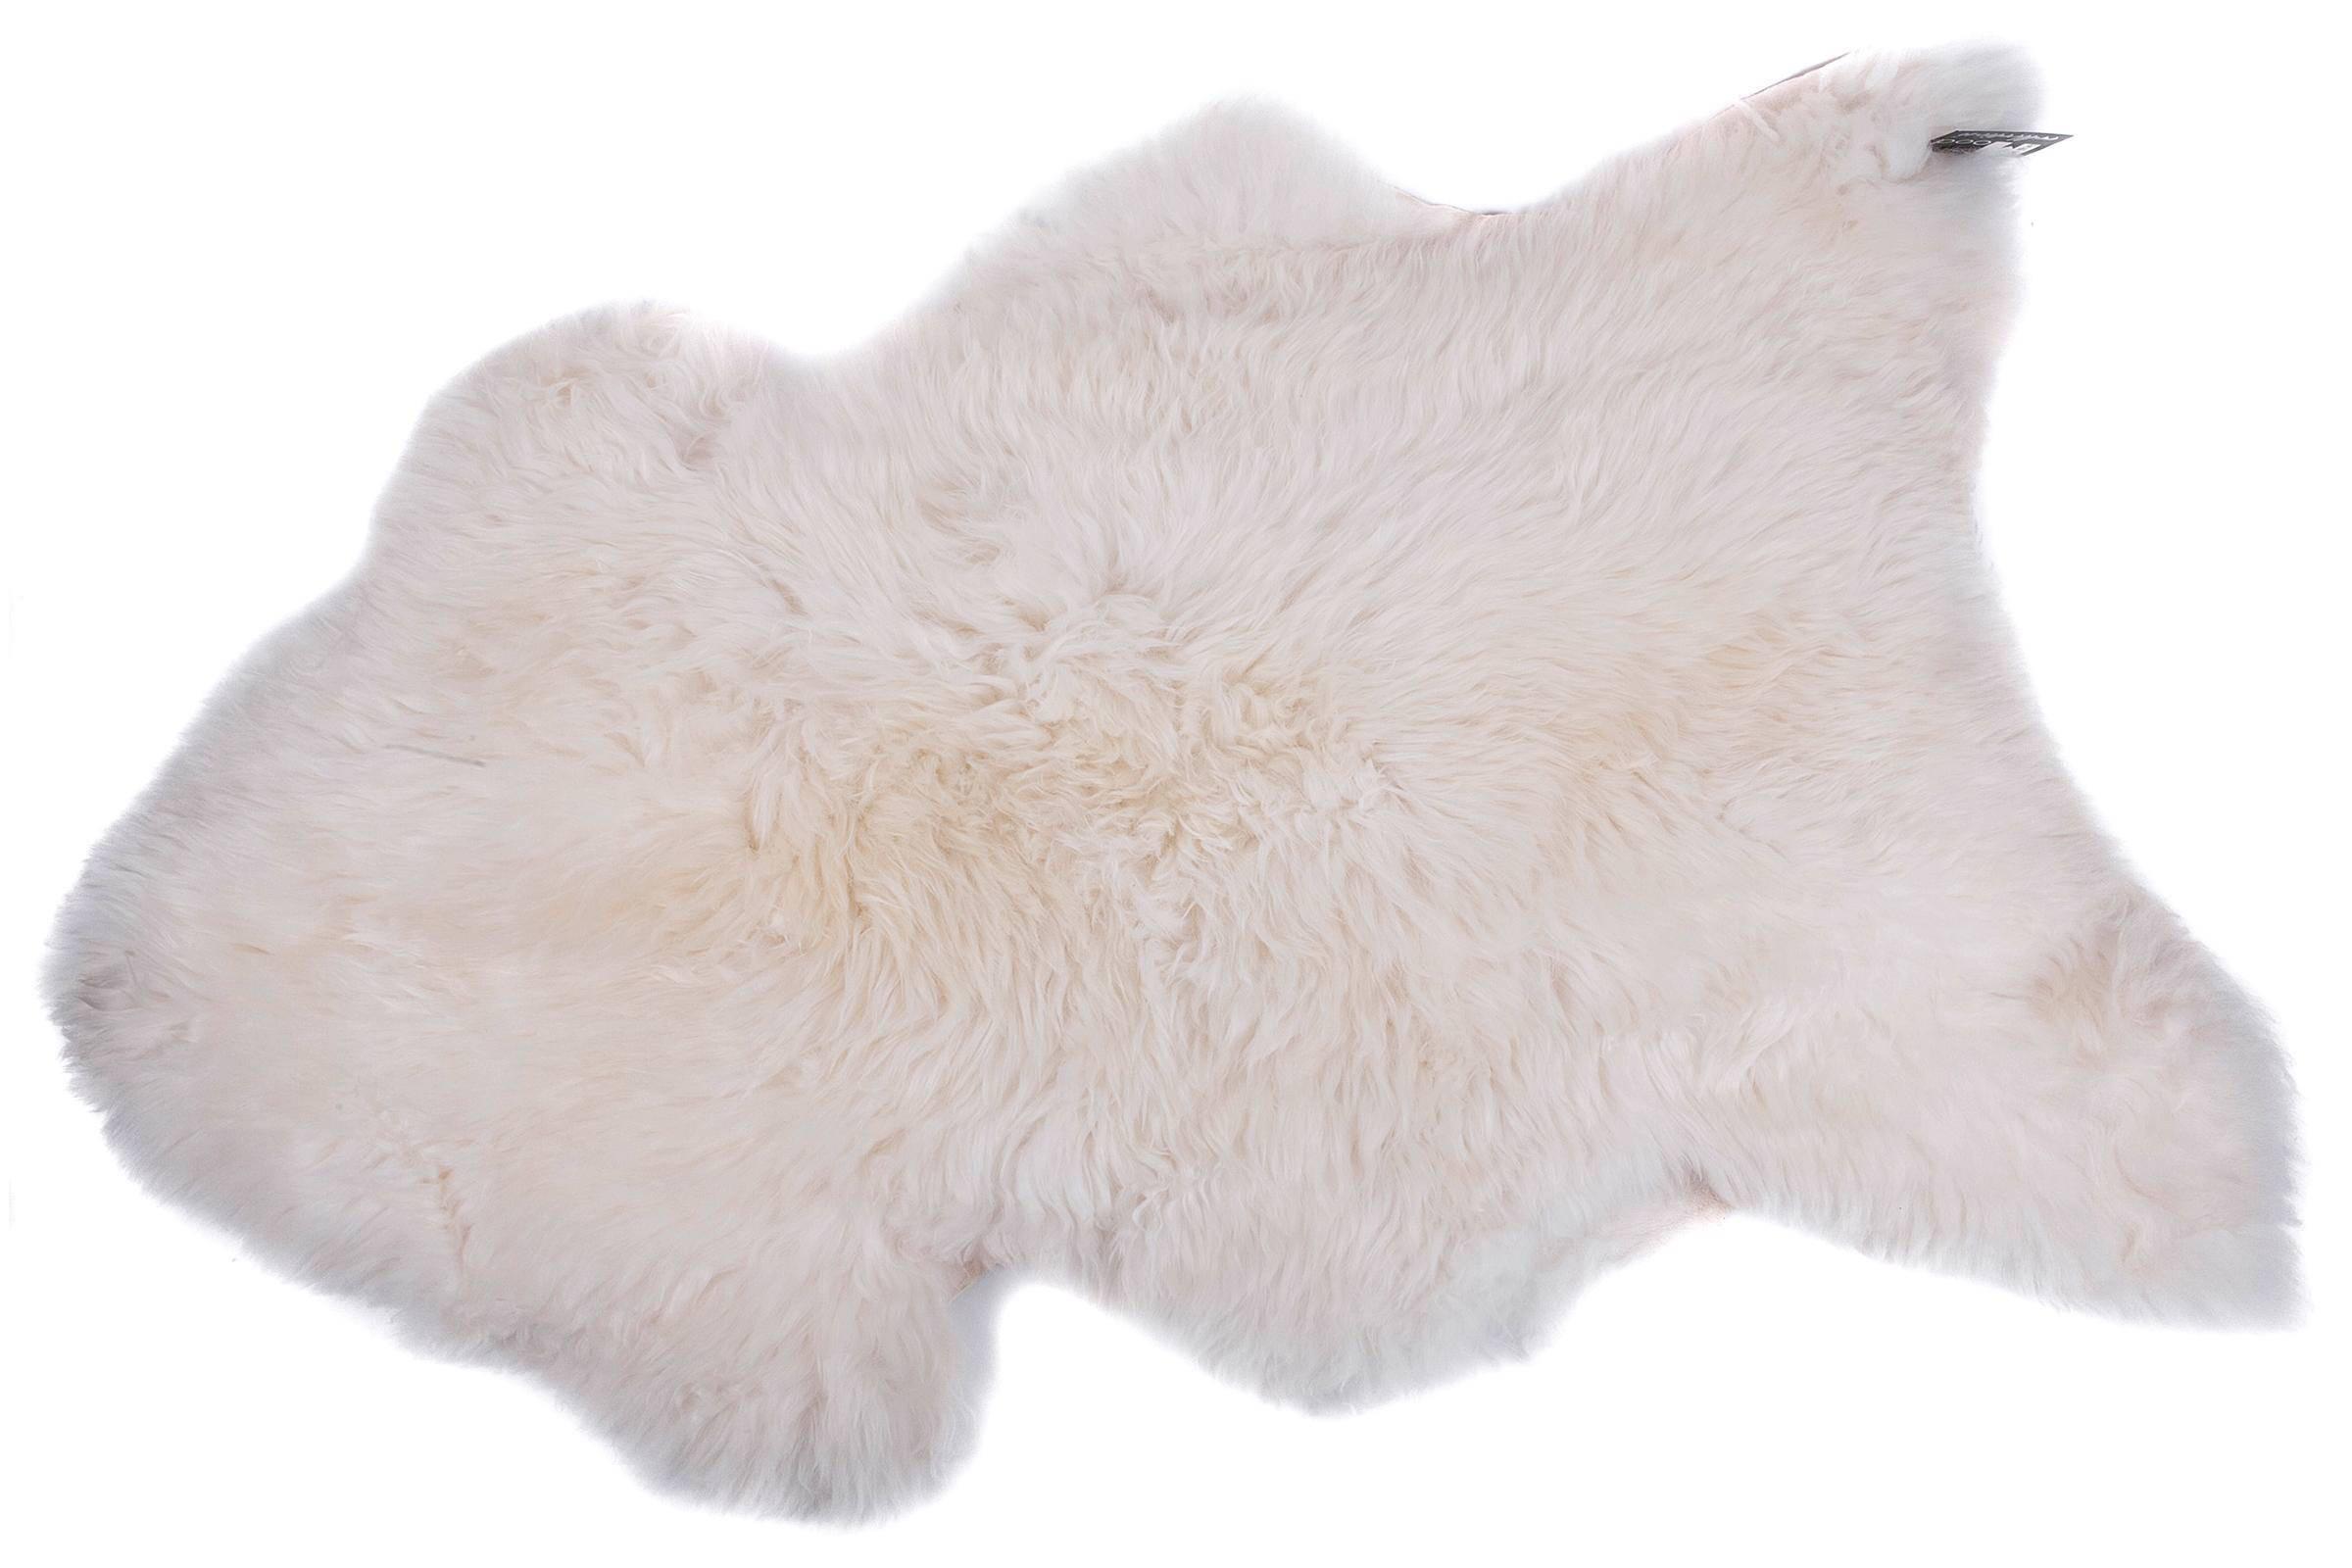 Schapenvacht Op Stoel : Volg onze nieuws en artikelen over schapenvacht shop